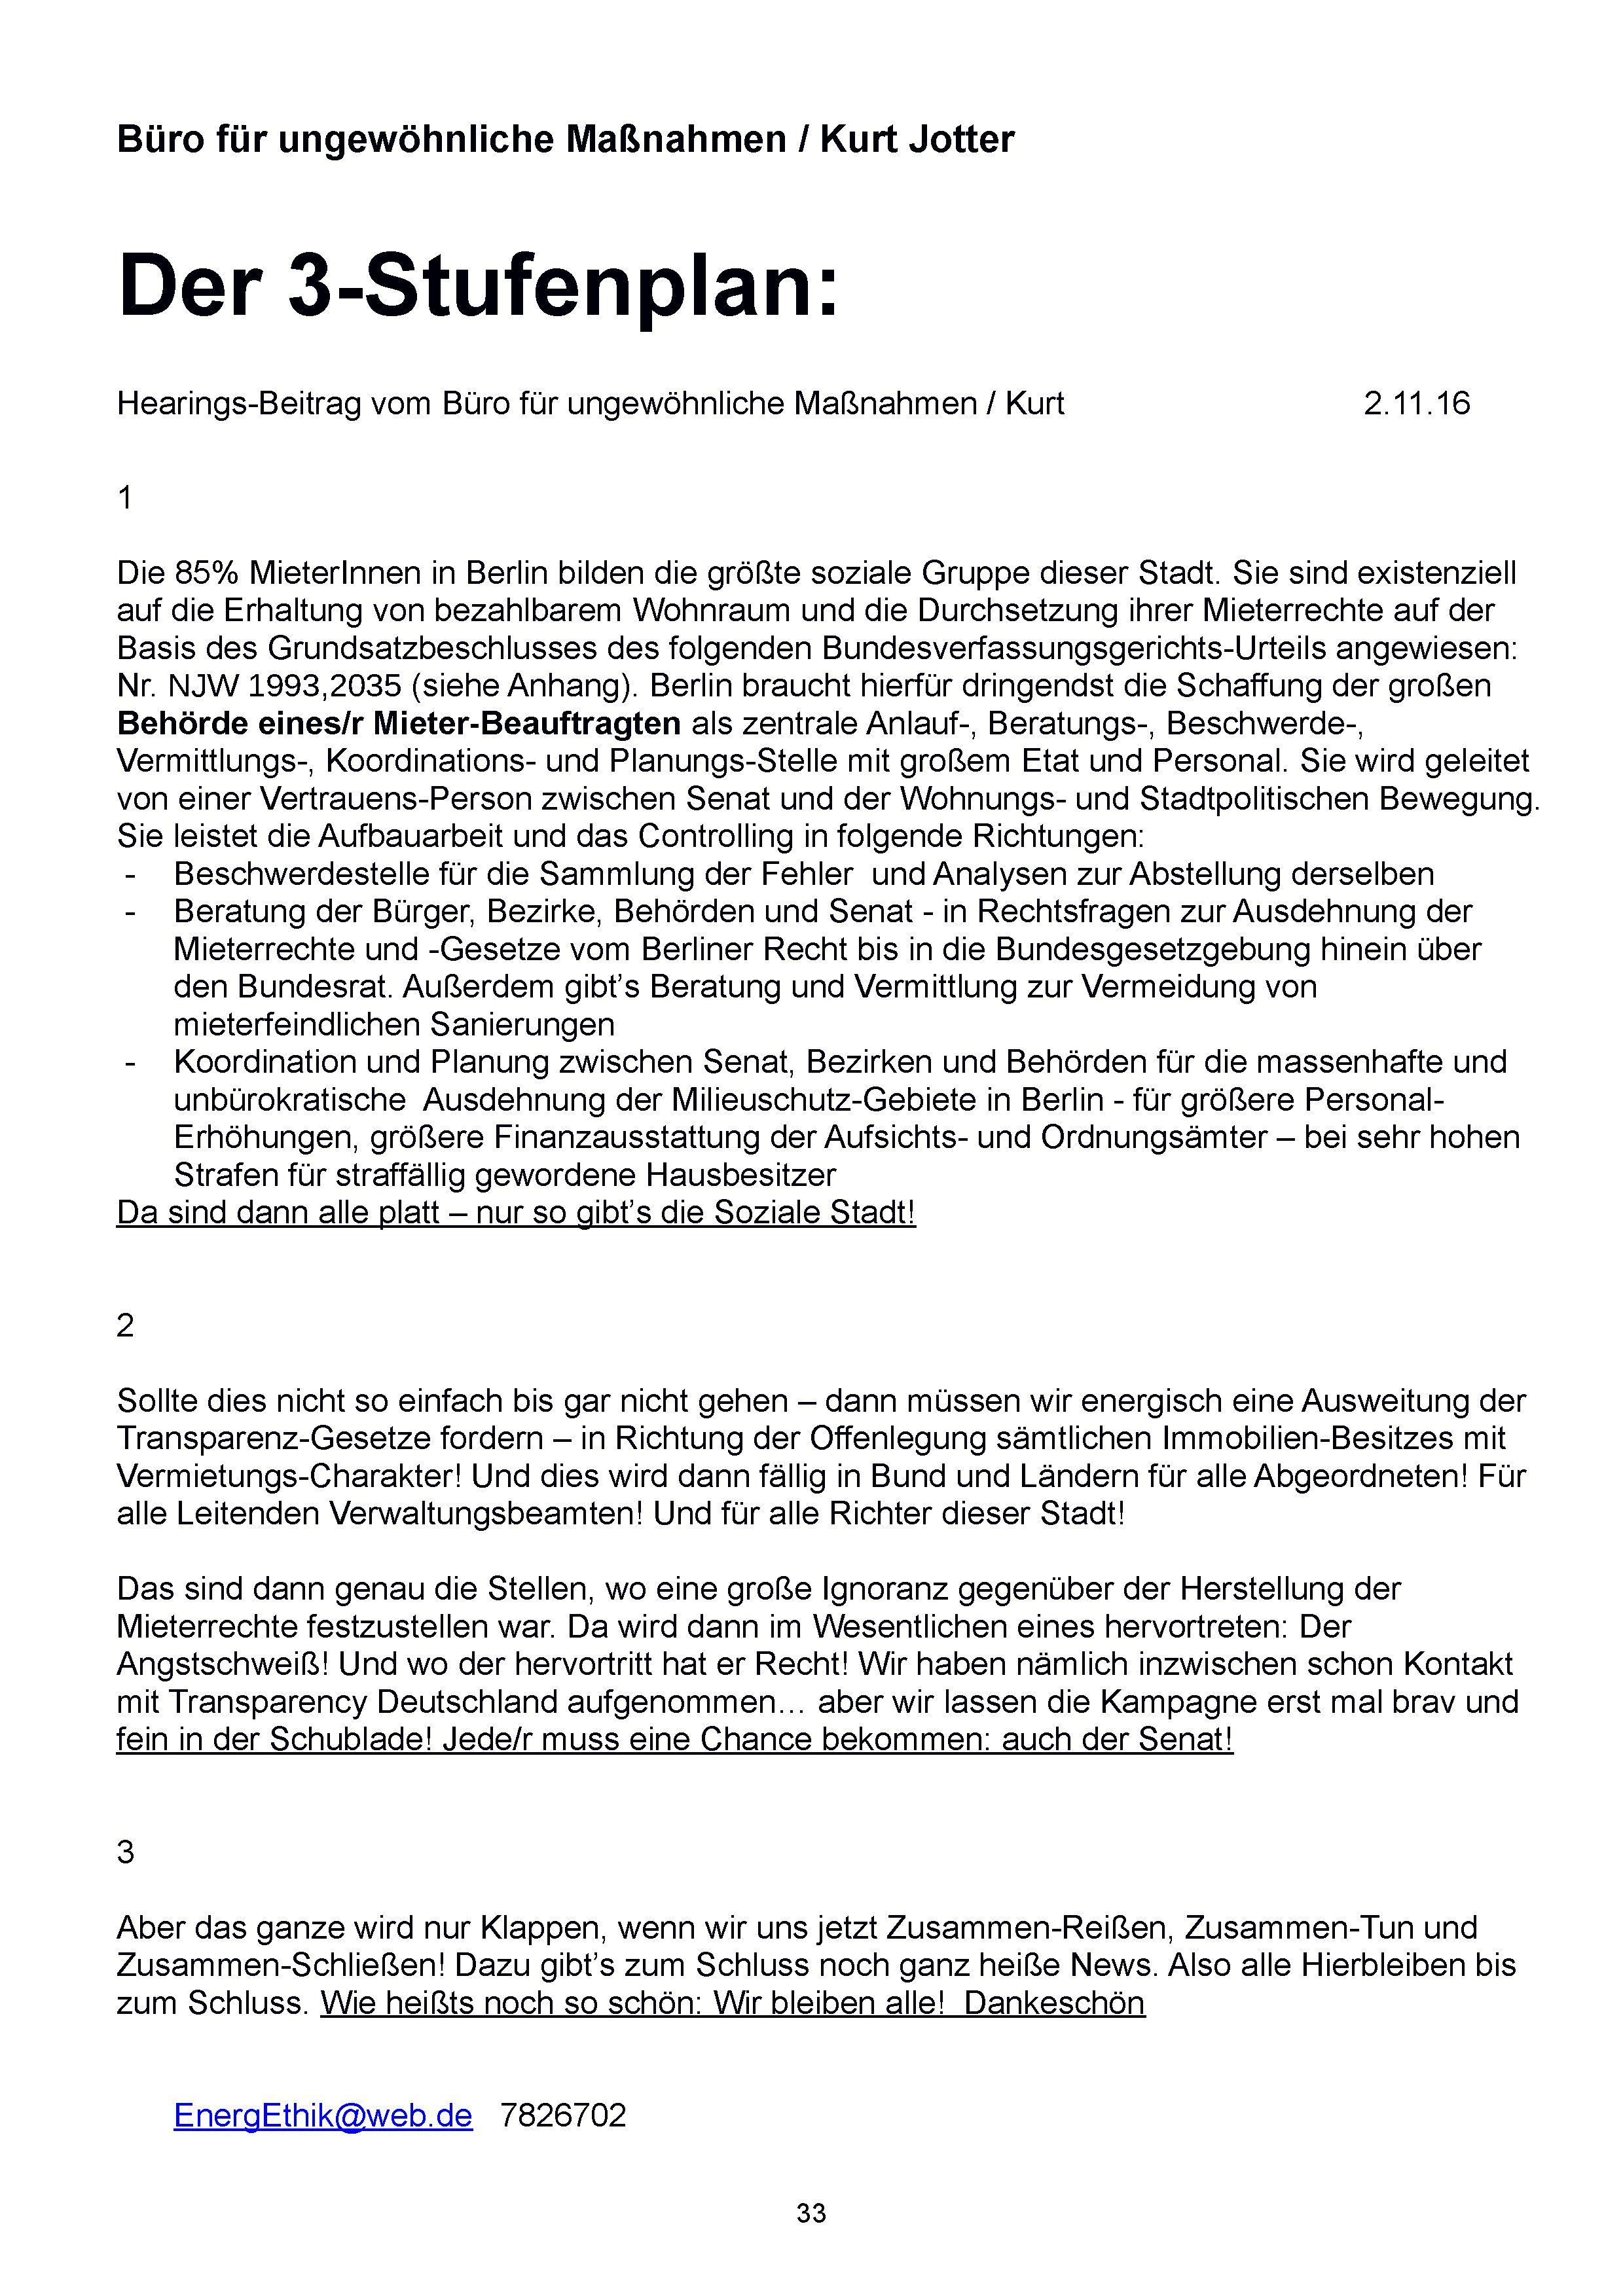 stadtpolitisches_hearing_021116_pressemappe_34